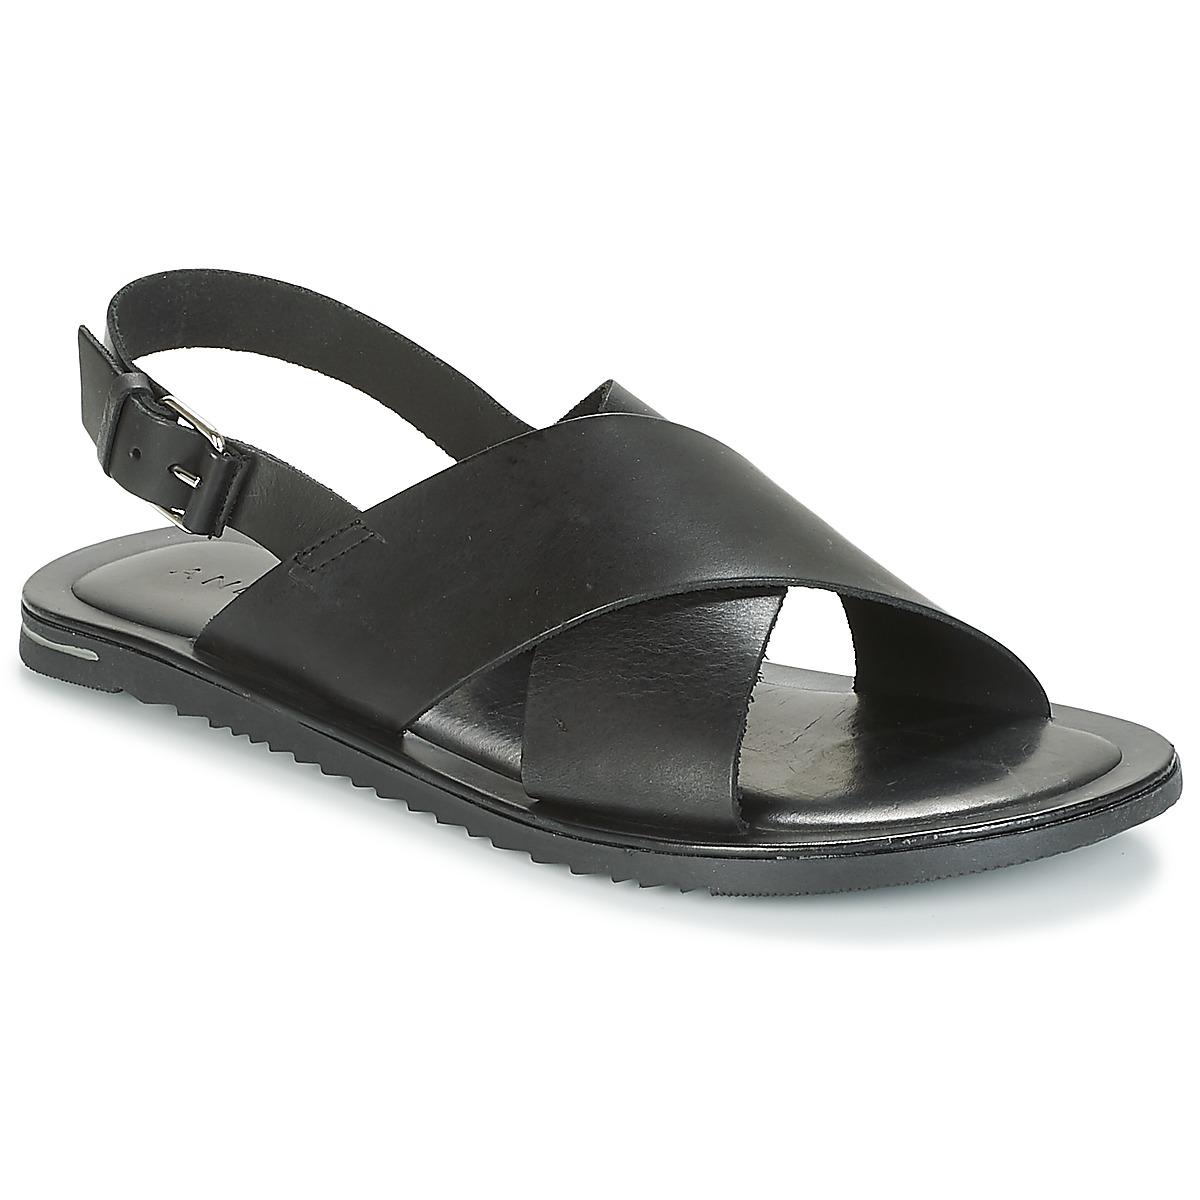 André SILVIO Negro - Envío Envío Envío gratis Nueva promoción - Zapatos Sandalias Hombre 9cf7f1